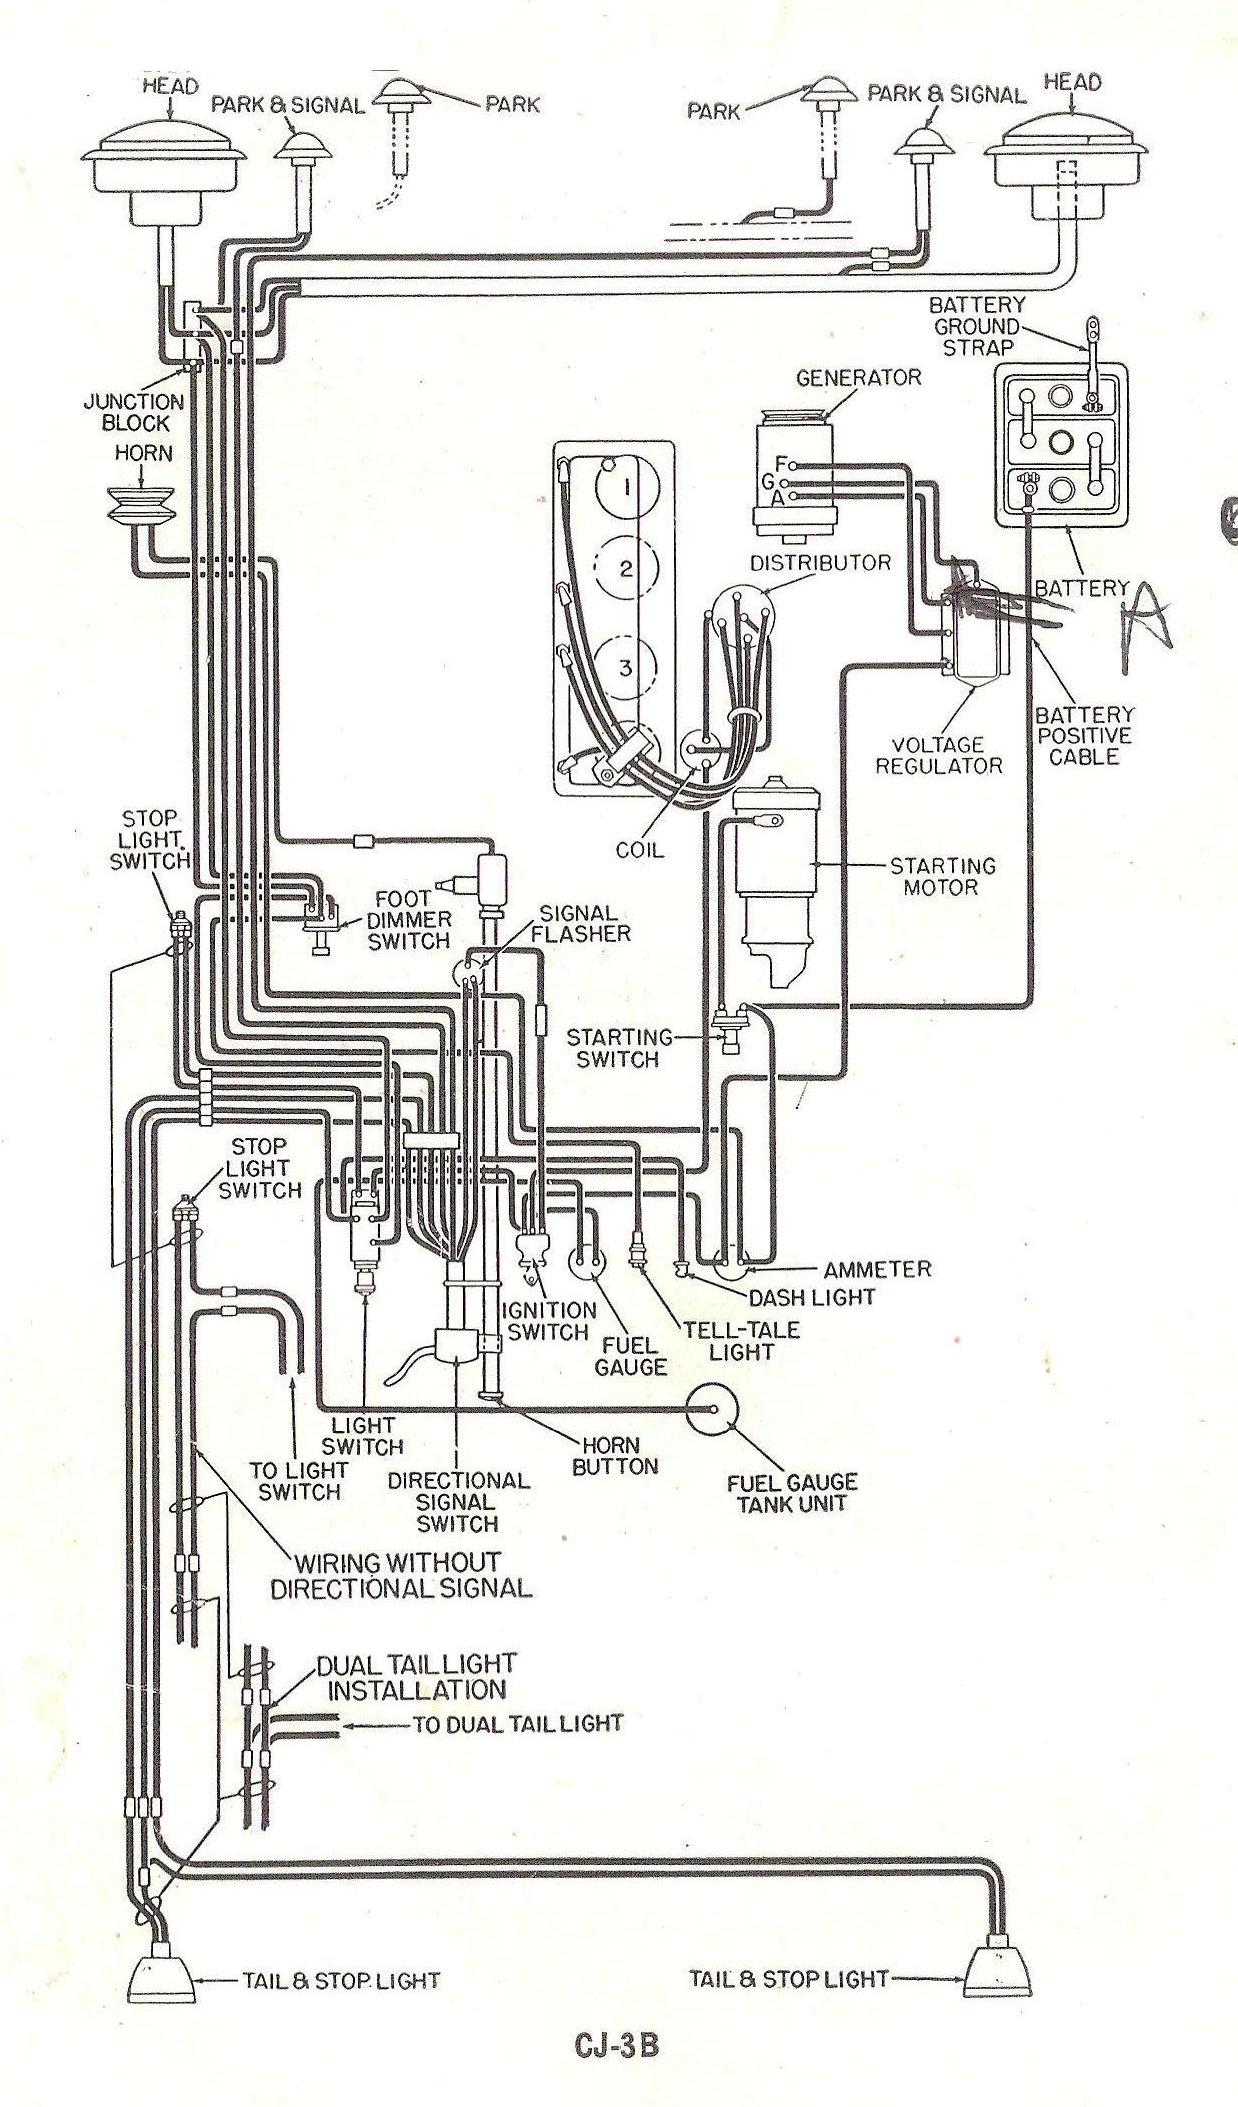 Magnificent 1955 Willys Jeep Alternator Wiring Wiring Diagram Database Wiring Cloud Counpengheilarigresichrocarnosporgarnagrebsunhorelemohammedshrineorg